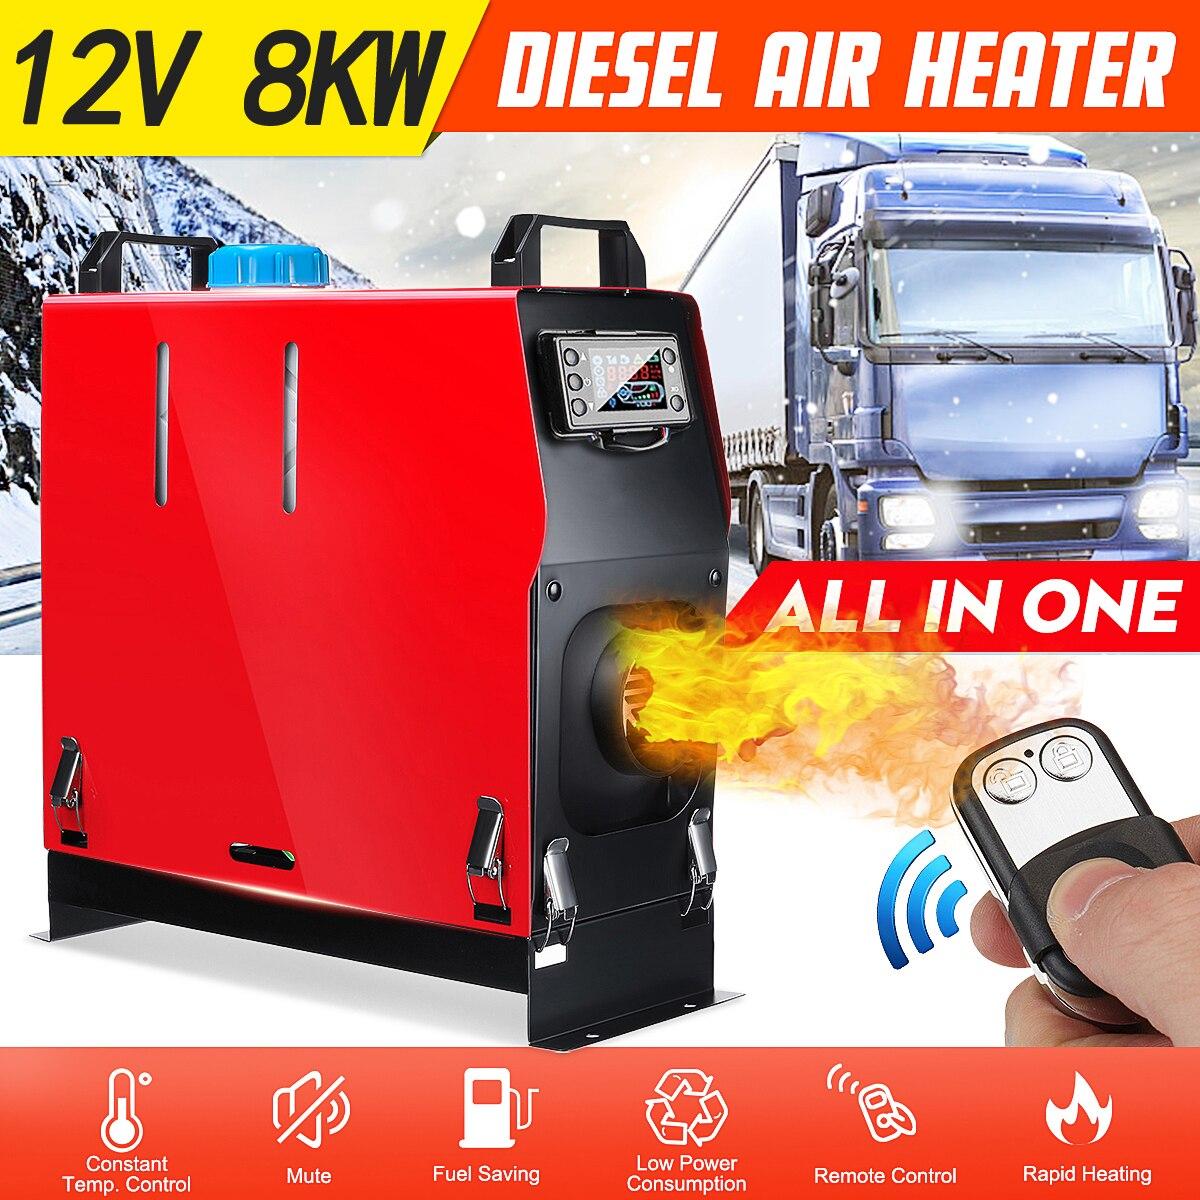 Все в одном воздушном дизельном нагревателе 1KW-8KW Регулируемый 12 в одно отверстие автомобильный нагреватель для грузовиков мотор-дома лодки...